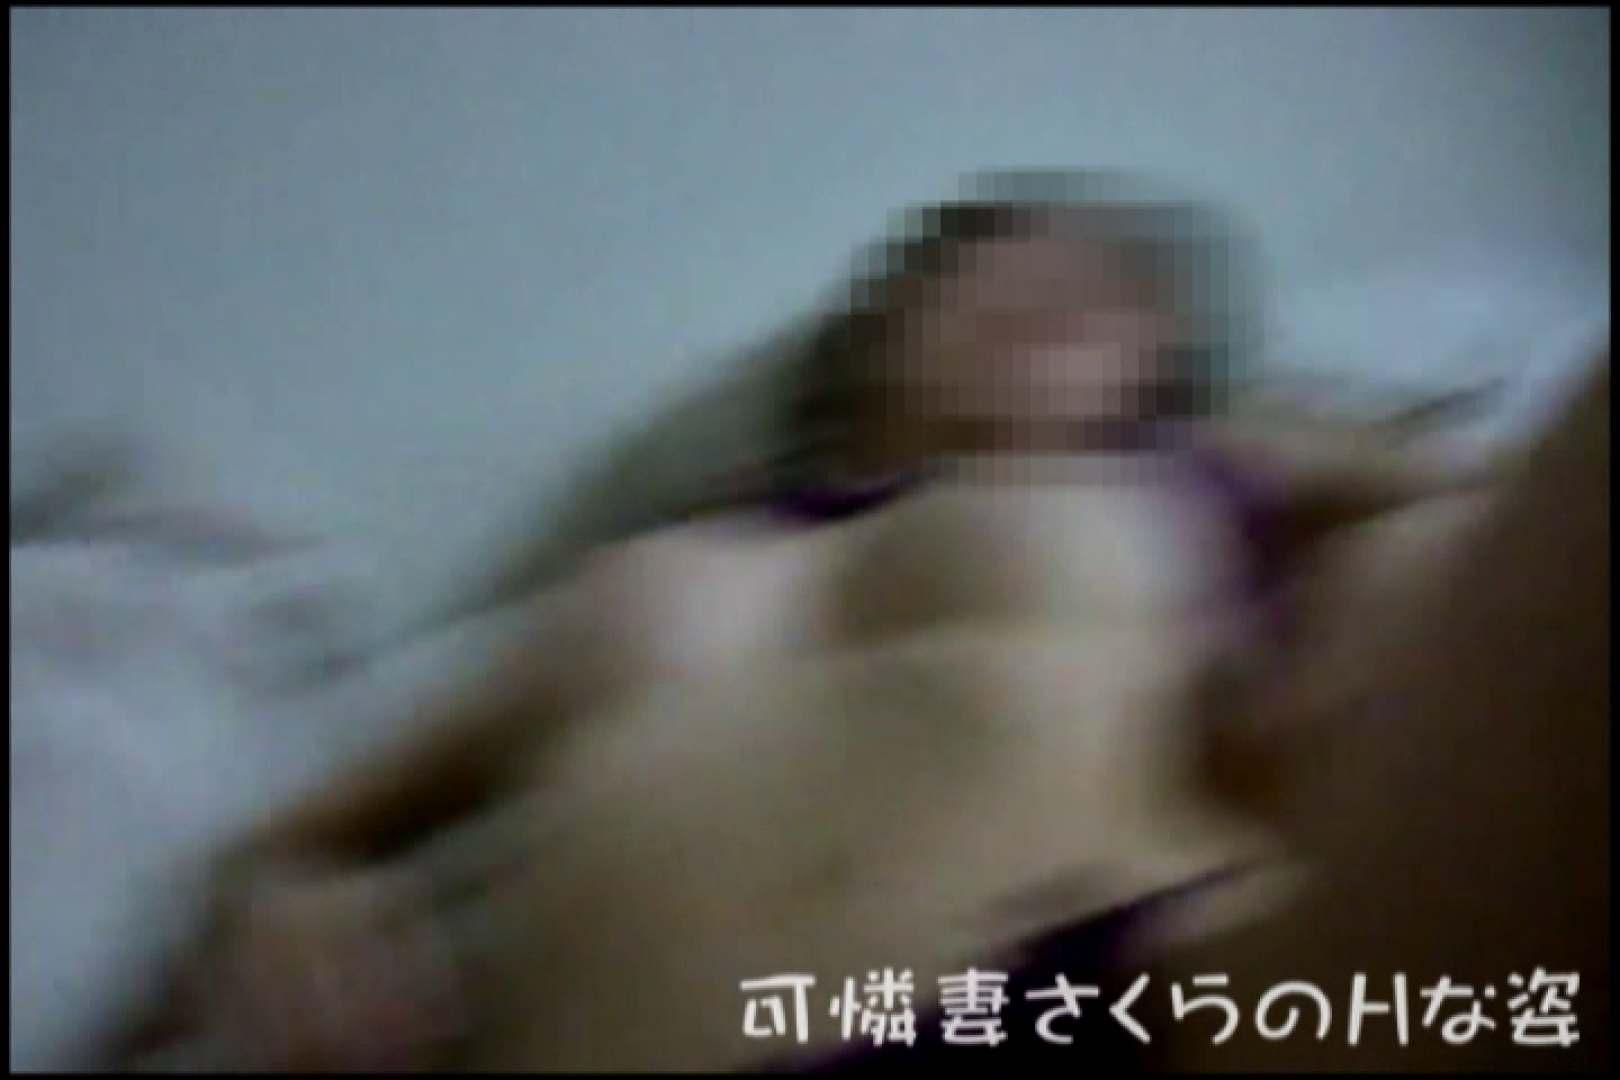 可憐妻さくらのHな姿vol.6 おっぱい  80pic 29